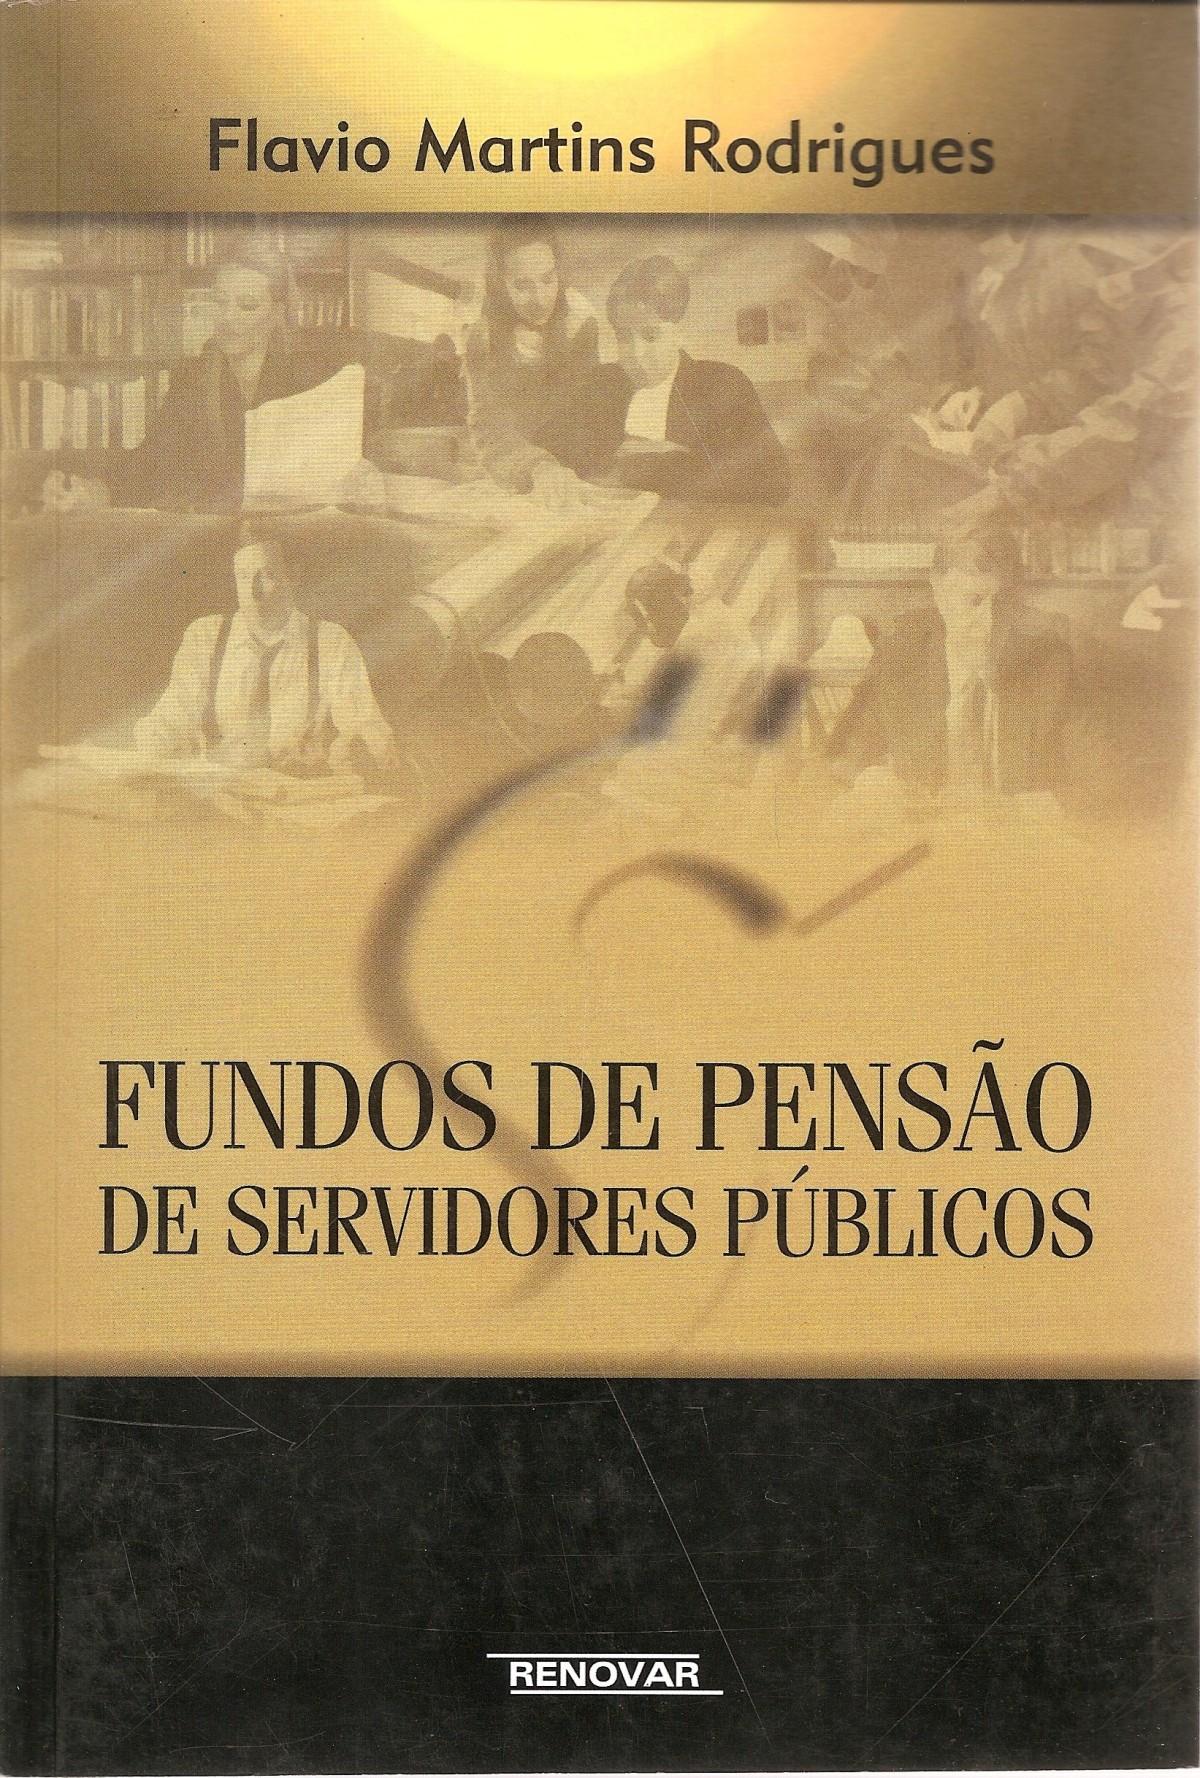 Foto 1 - Fundos de Pensão de Servidores Públicos